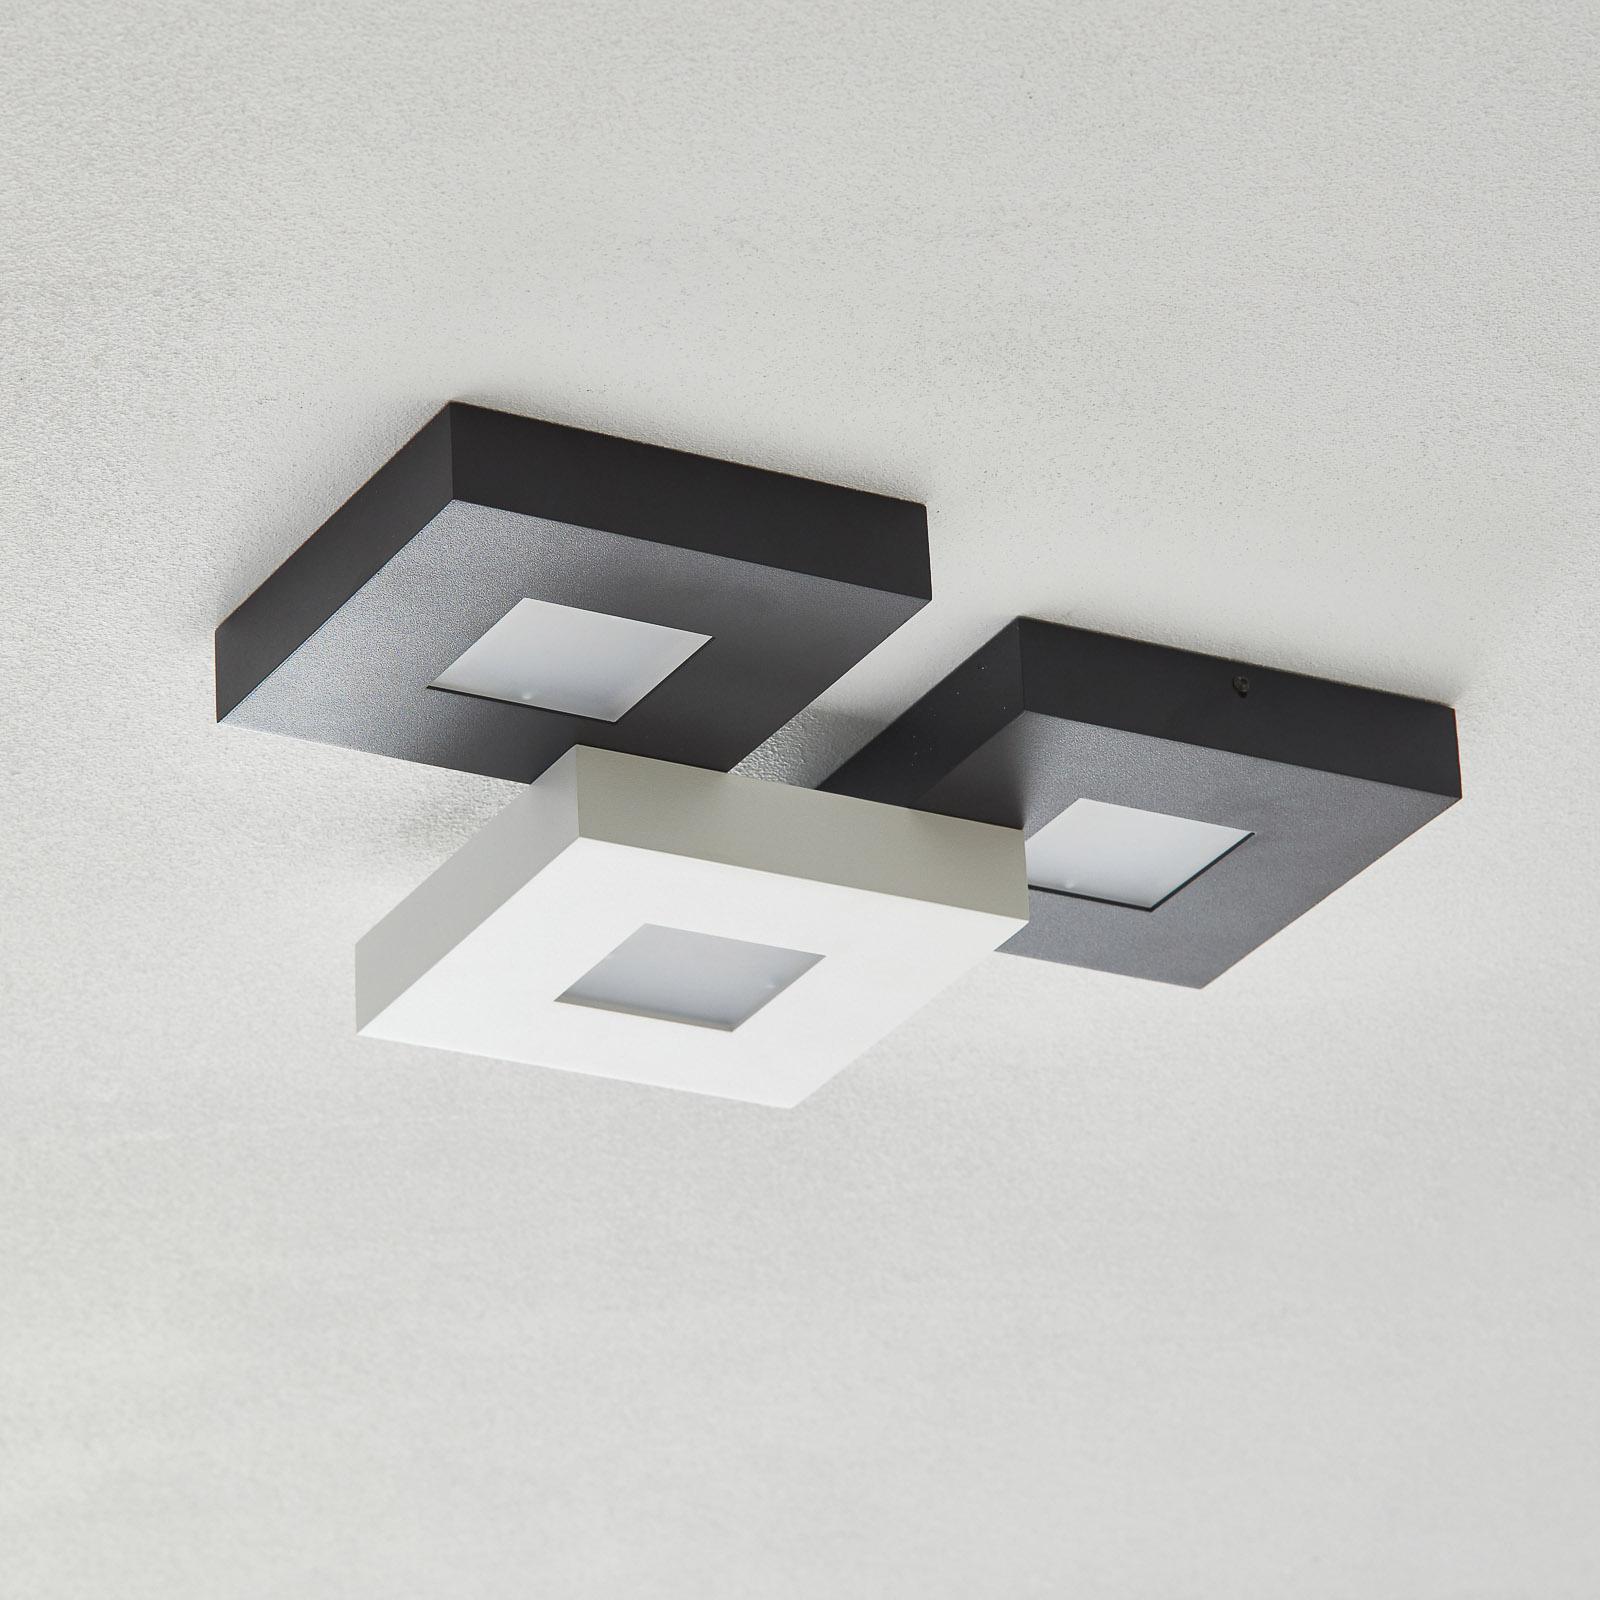 LED-taklampe Cubus med 3 lys, svart-hvit